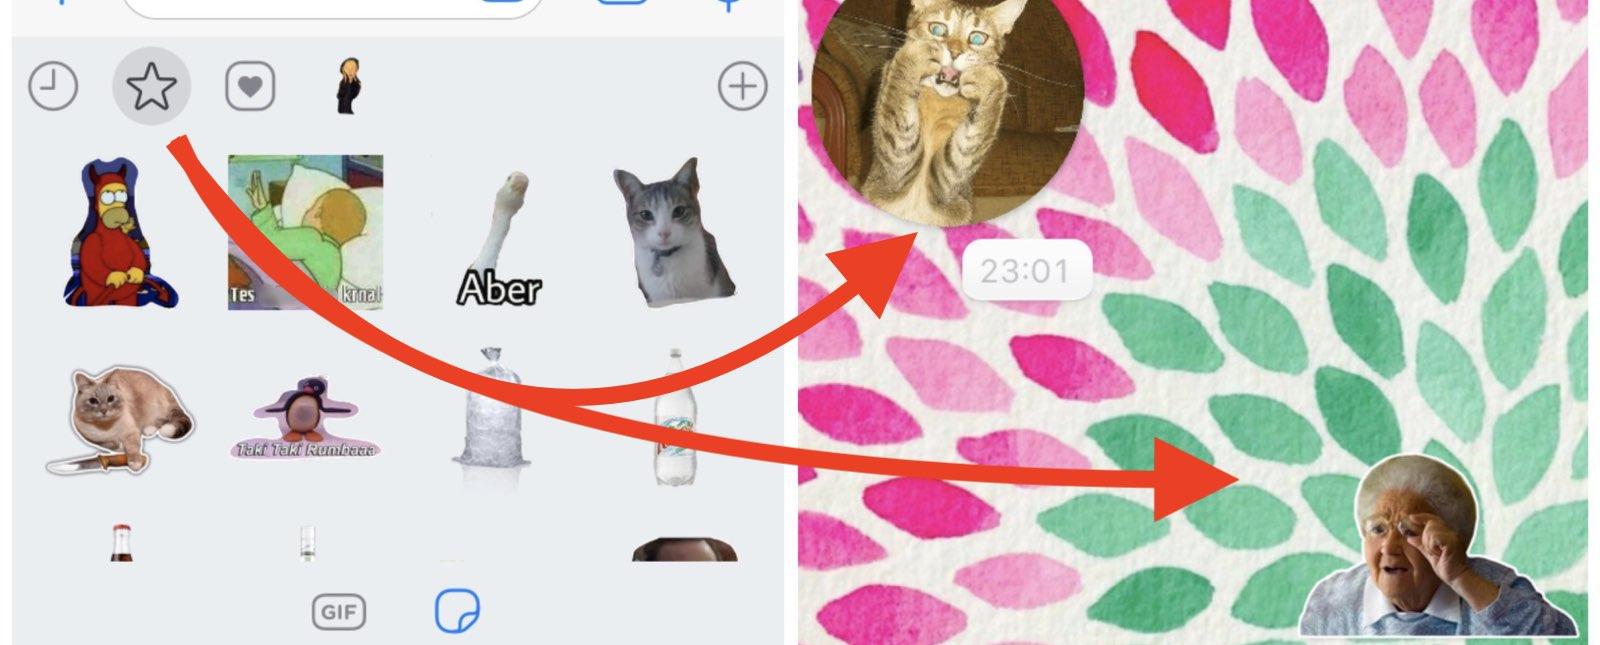 trucos-para-obtener-stickers-en-whatsapp